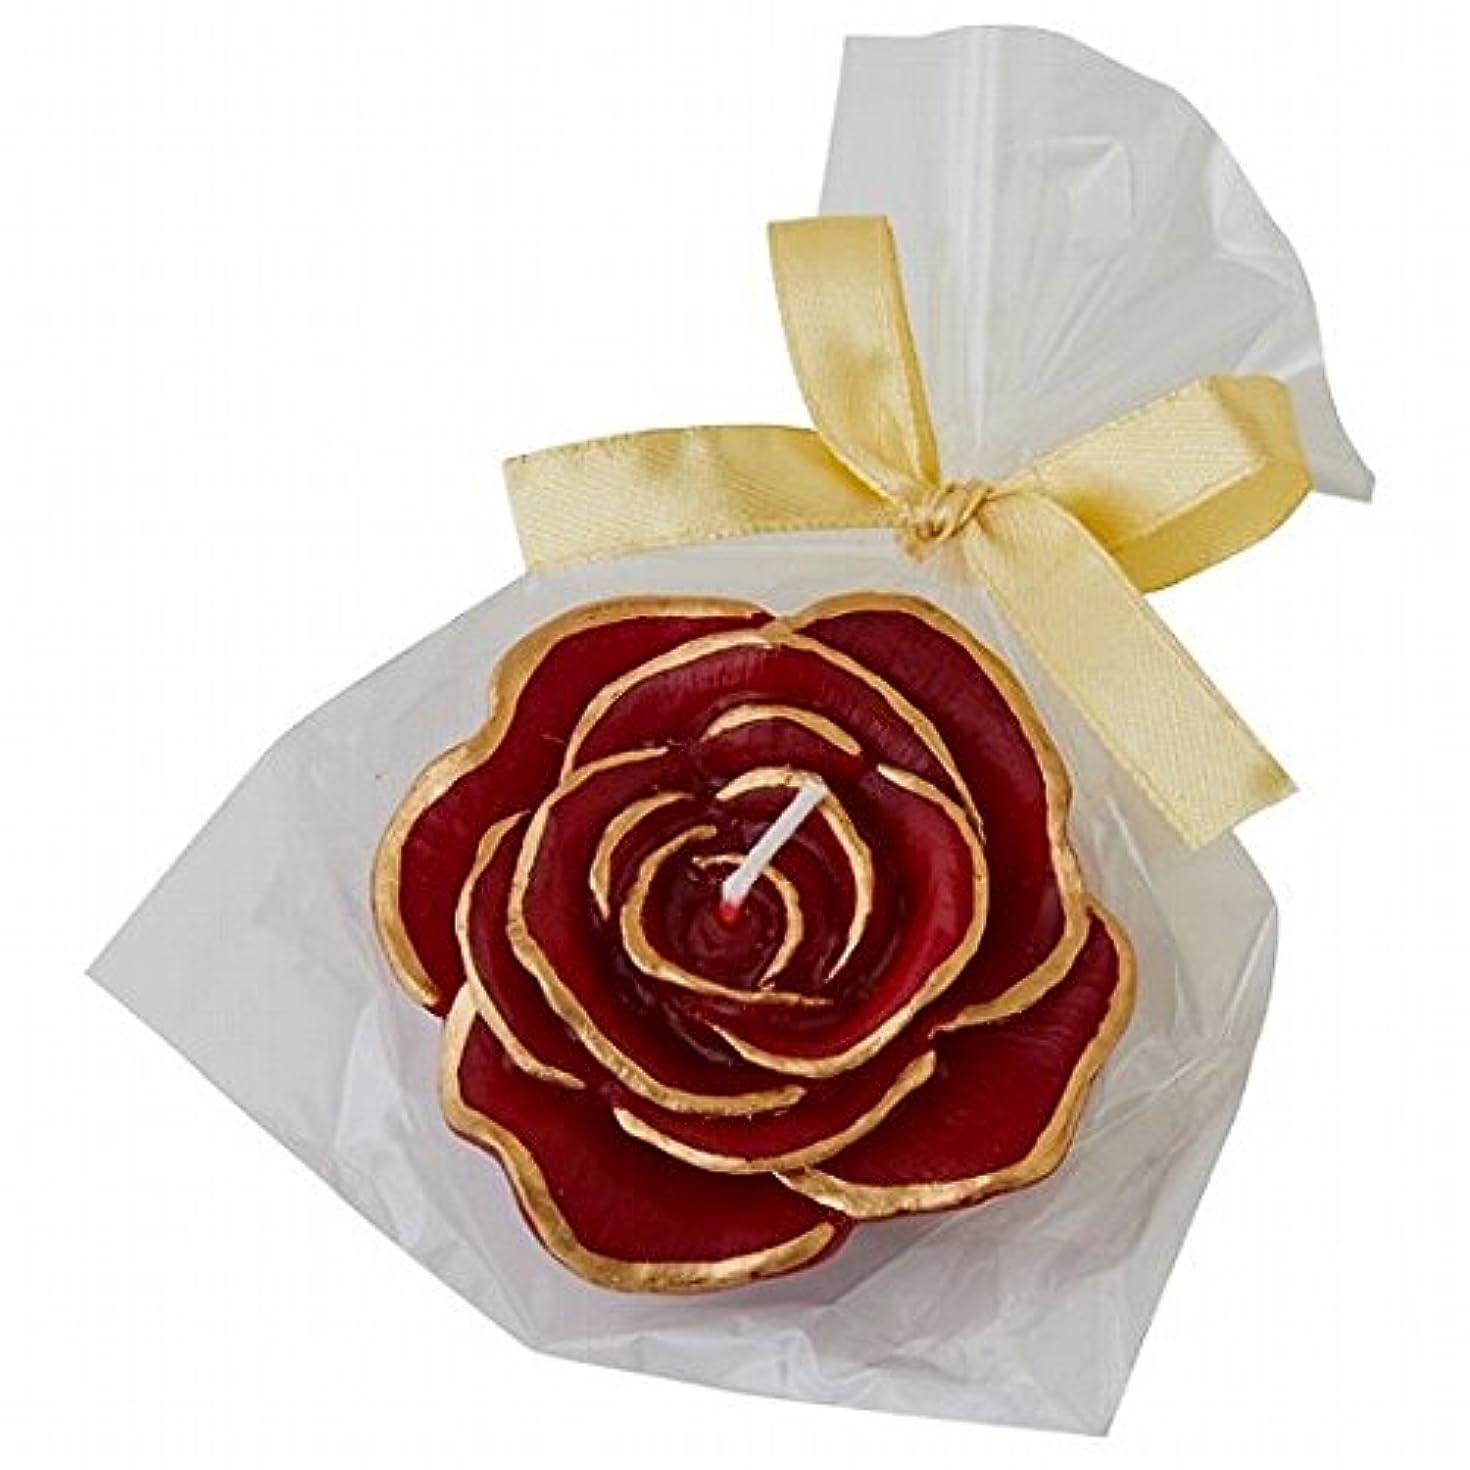 脱臼するイタリック見かけ上カメヤマキャンドル(kameyama candle) プリンセスローズ キャンドル 「ワインレッド」